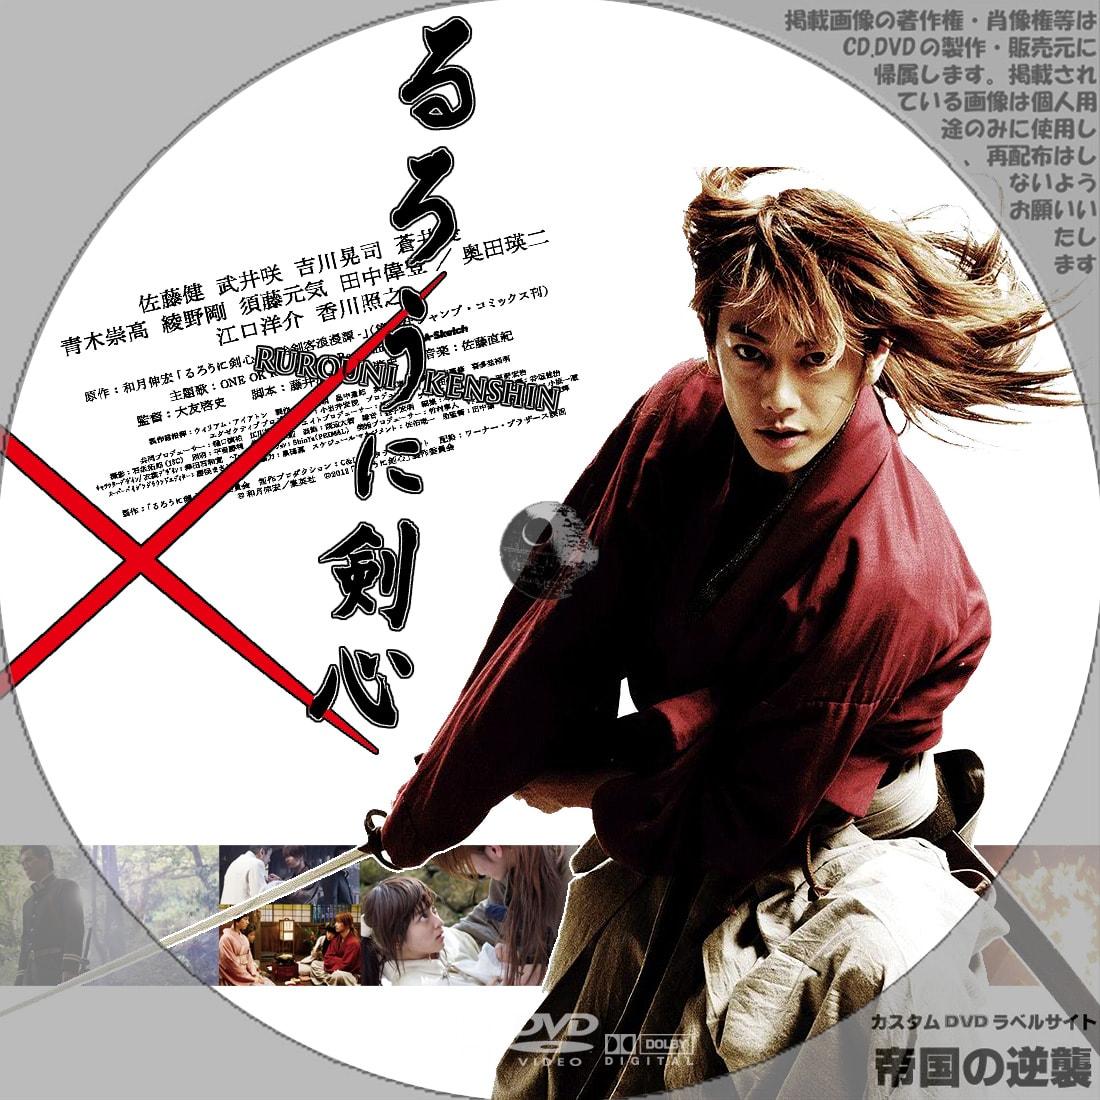 アニメ海外イベント オタコン2013 米国・ボルチモア。海外で『るろうに剣心』上映